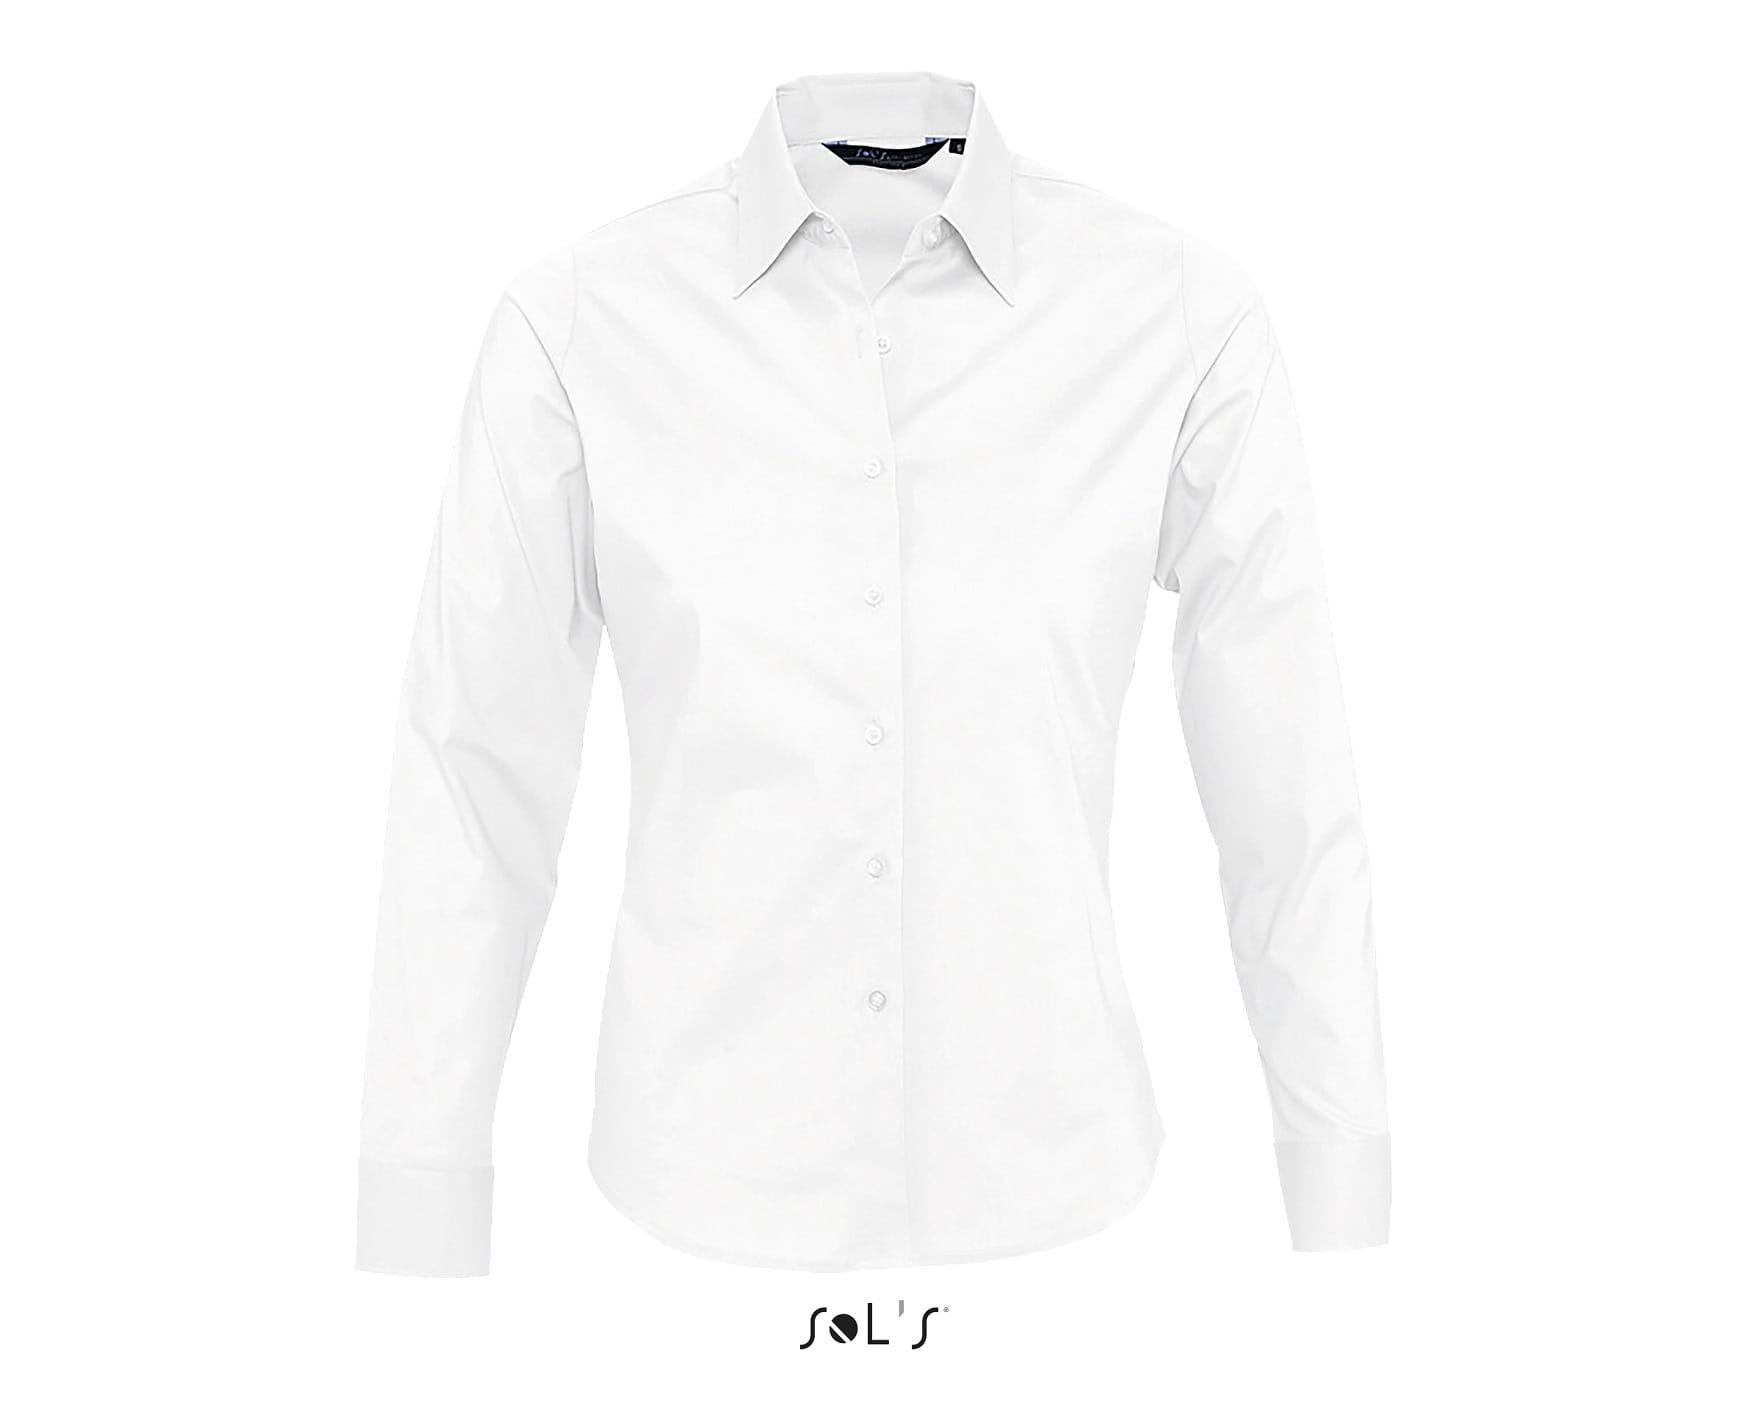 846f11f017 Koszula damska dopasowana z długim rękawem Sol s Eden Odzież firmowa ...